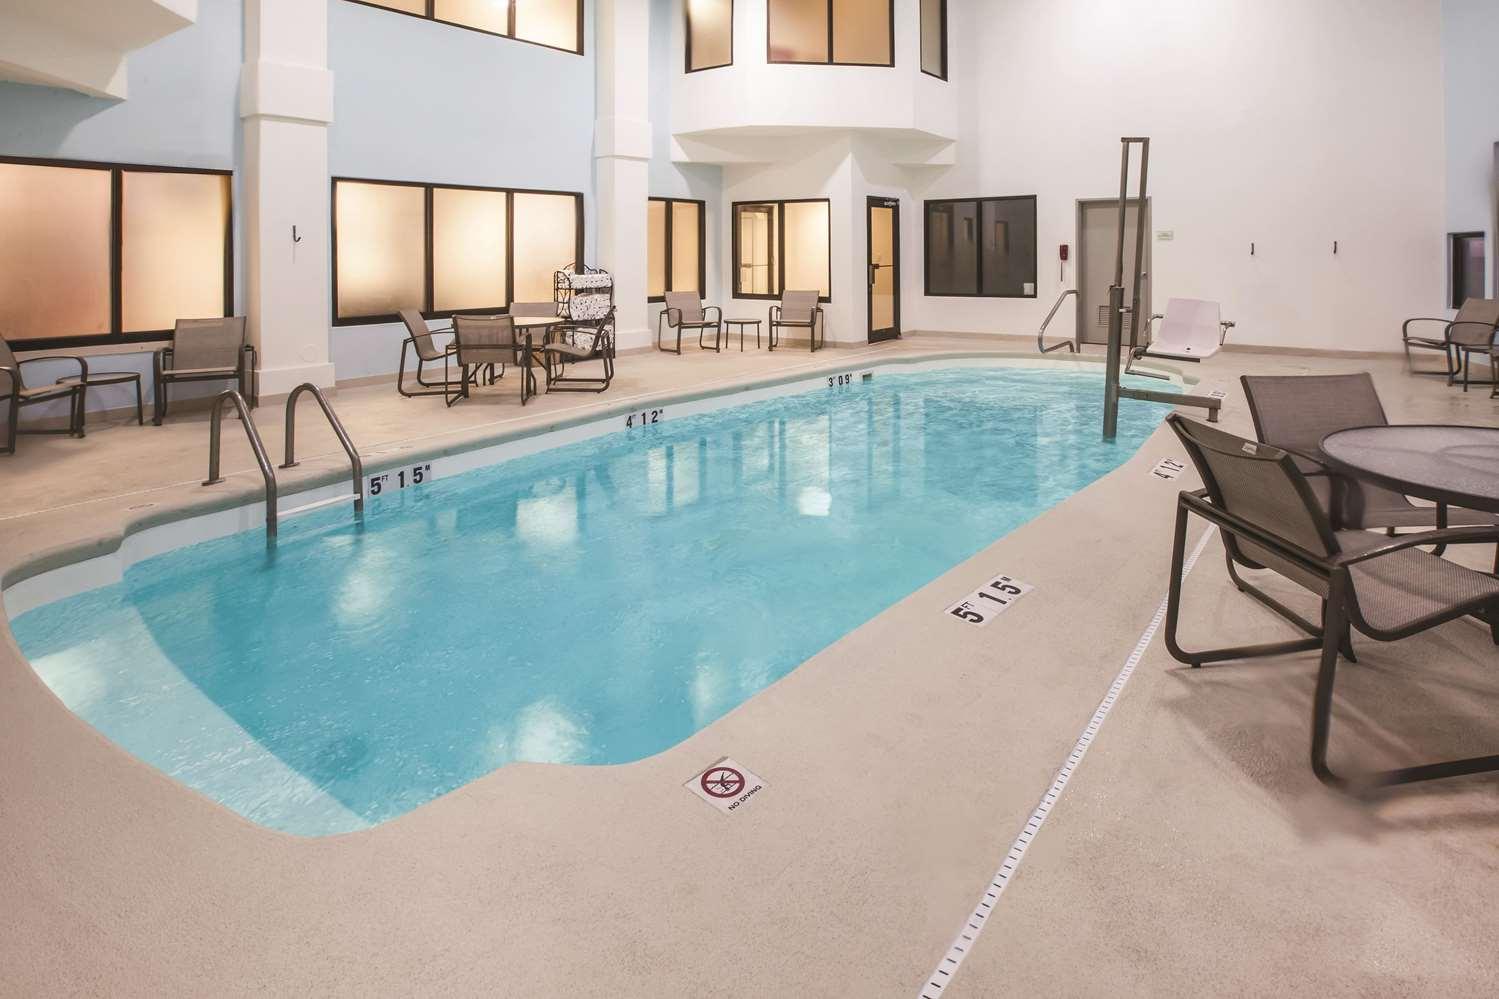 Pool - La Quinta Inn & Suites Kokomo